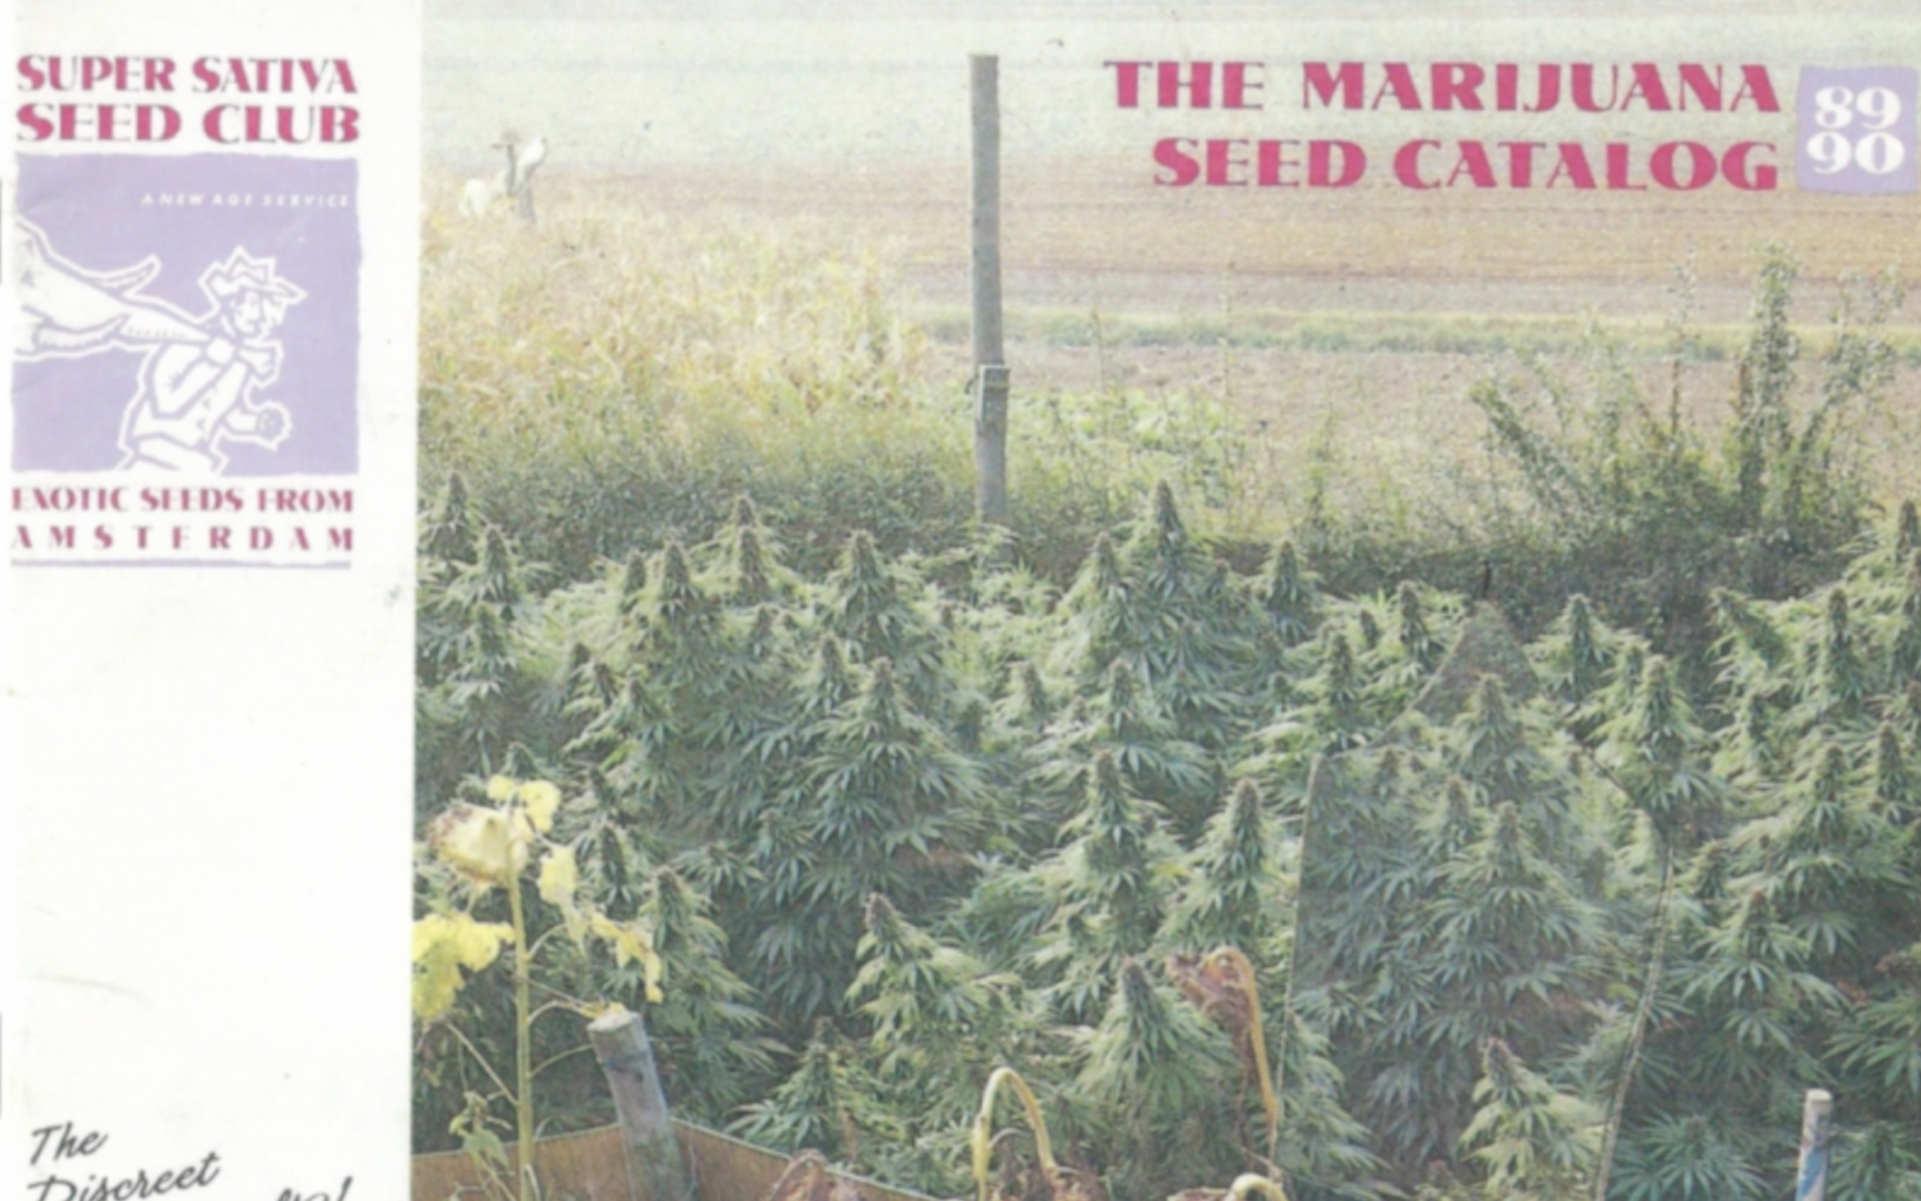 Super Sativa Seed Club katalog